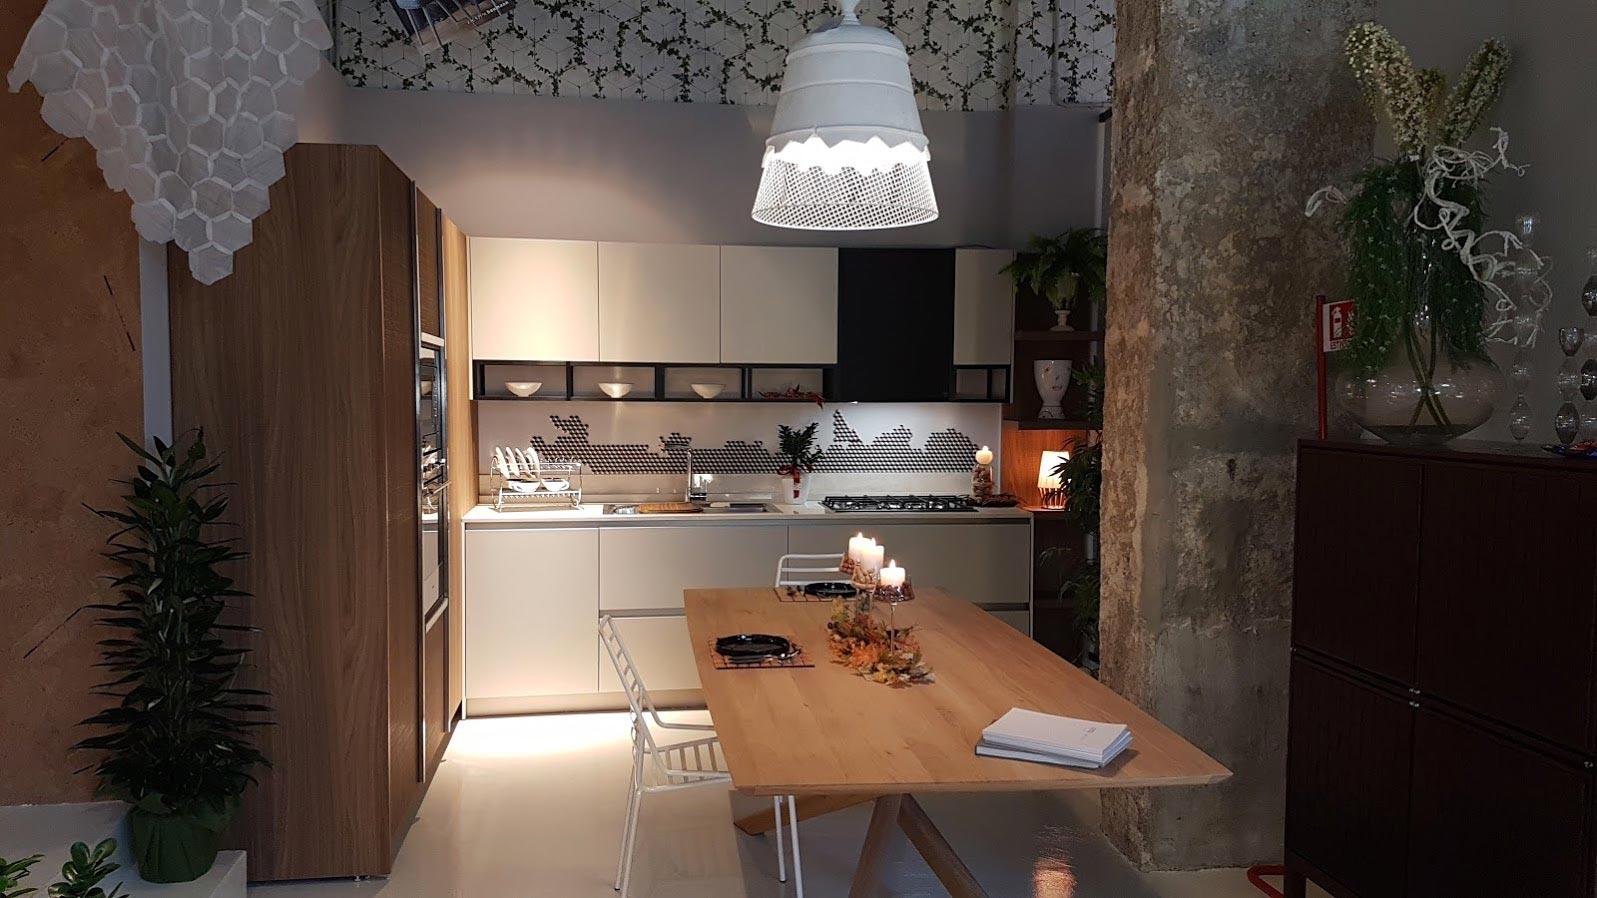 Negozio di arredamento Taranto Cucina